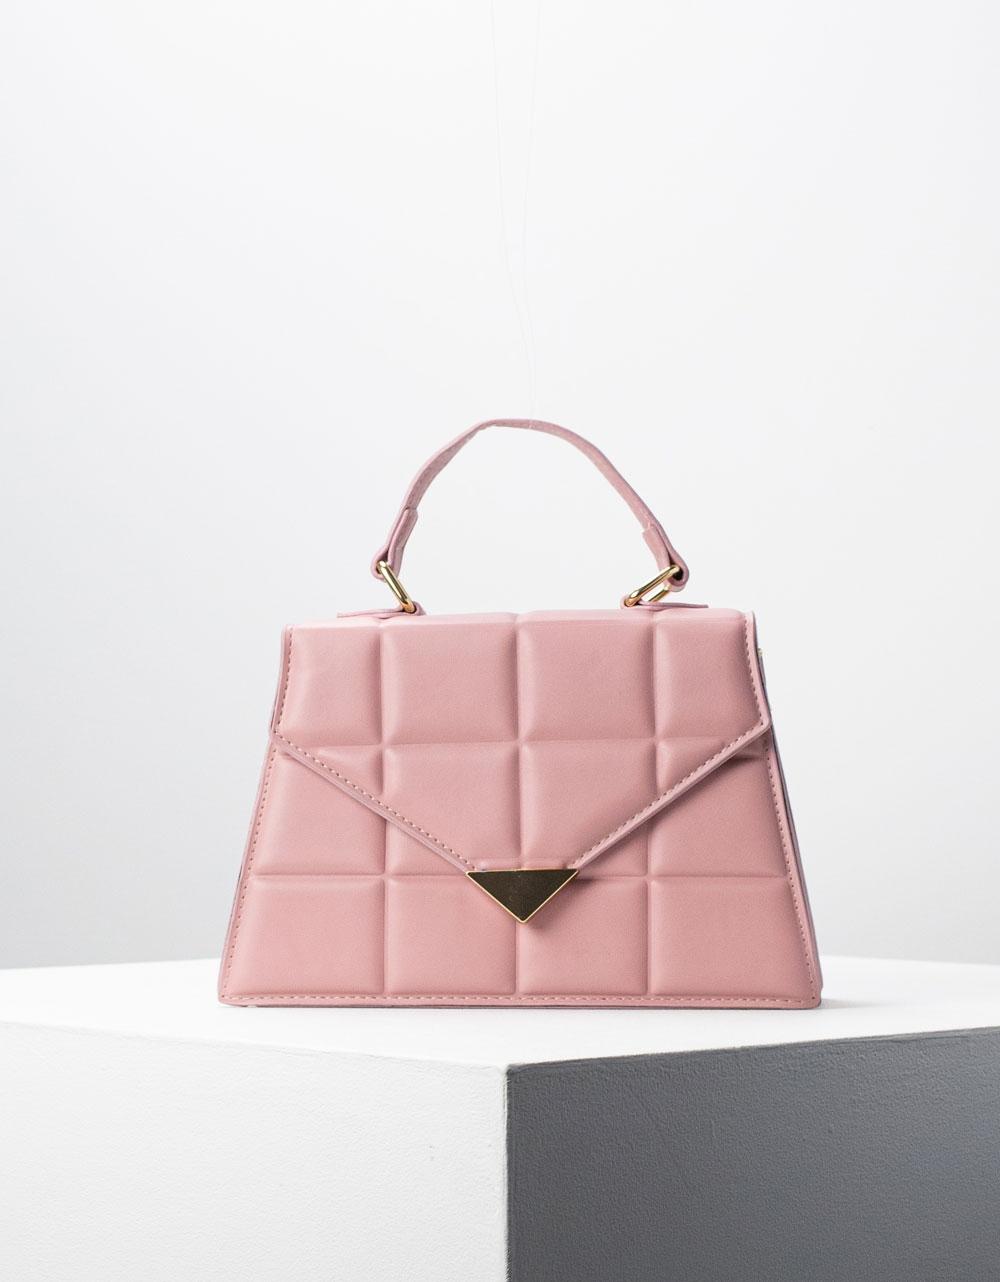 Εικόνα από Γυναικεία τσάντα ώμου & χιαστί με καπιτονέ σχέδιο Ροζ